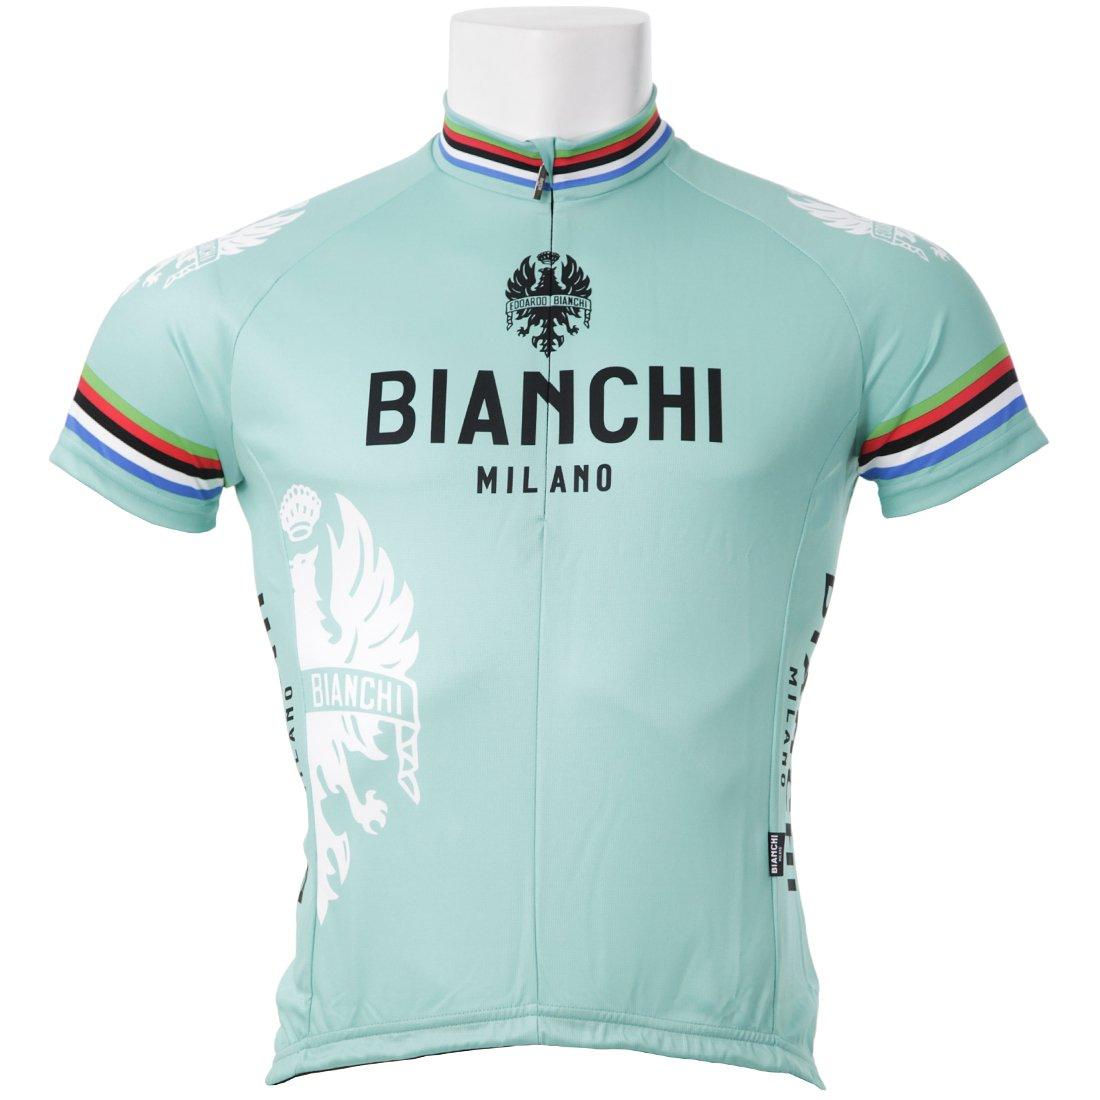 今季一番 Bianchi SHIRT SHIRT Small B07FSJGGD3 レディース Small B07FSJGGD3, ヒガシヤツシログン:45d233ce --- martinemoeykens-com.access.secure-ssl-servers.info